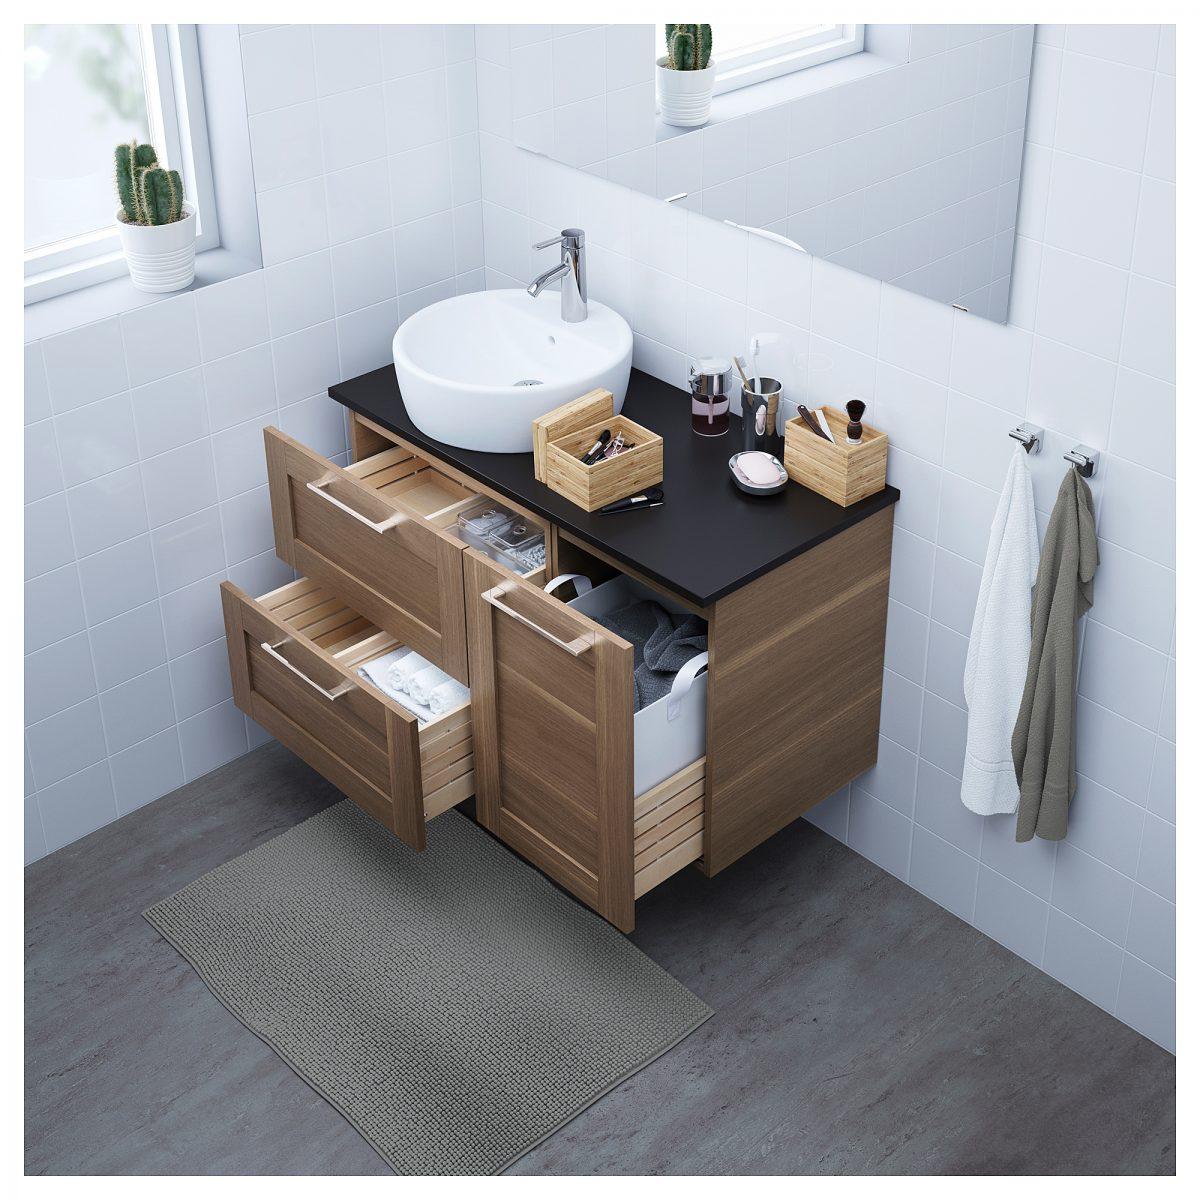 Accessori Bagno Prezzi Bassi.Mobili Bagno Ikea